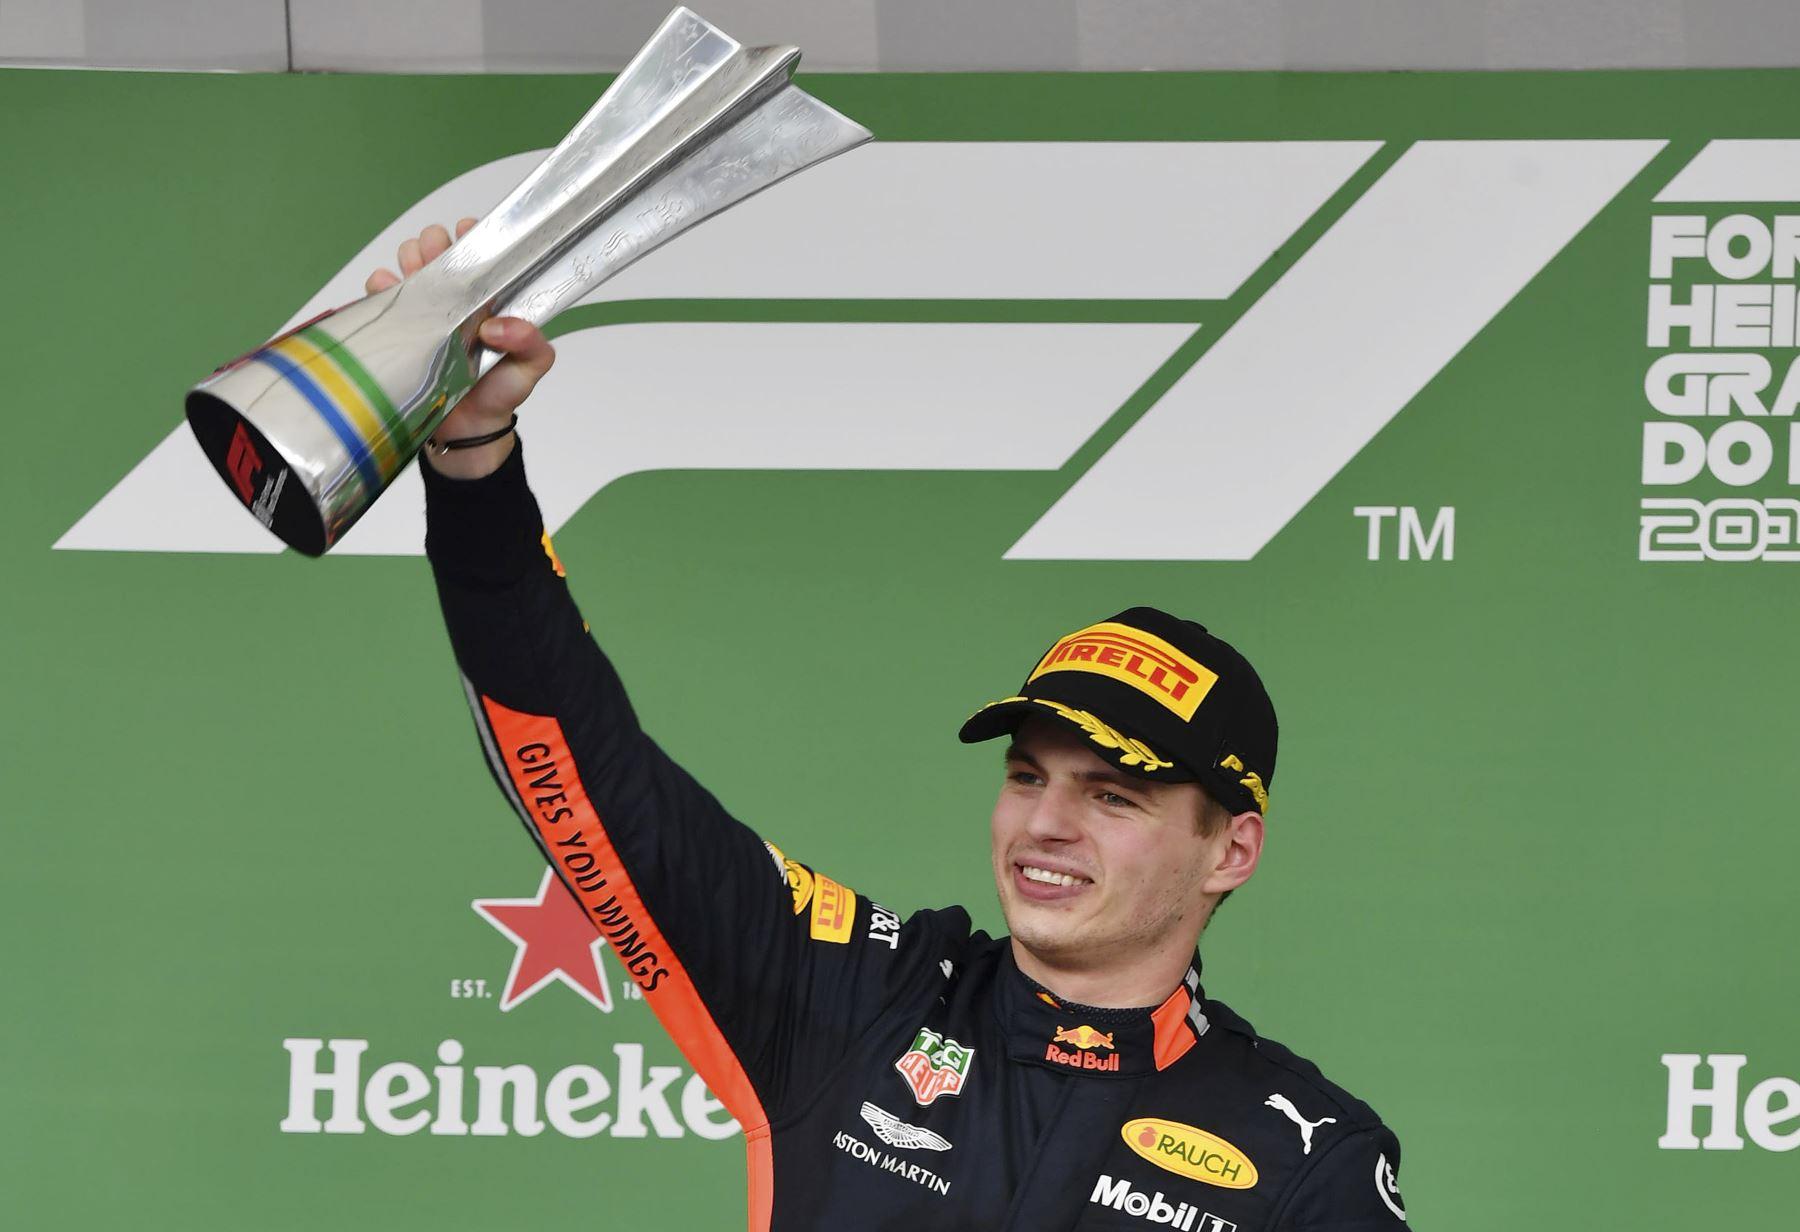 El piloto holandés de Red Bull, Max Verstappen, celebra en el podio después de ganar el Gran Premio de F1 de Brasil, en el hipódromo de Interlagos en Sao Paulo. Foto: AFP